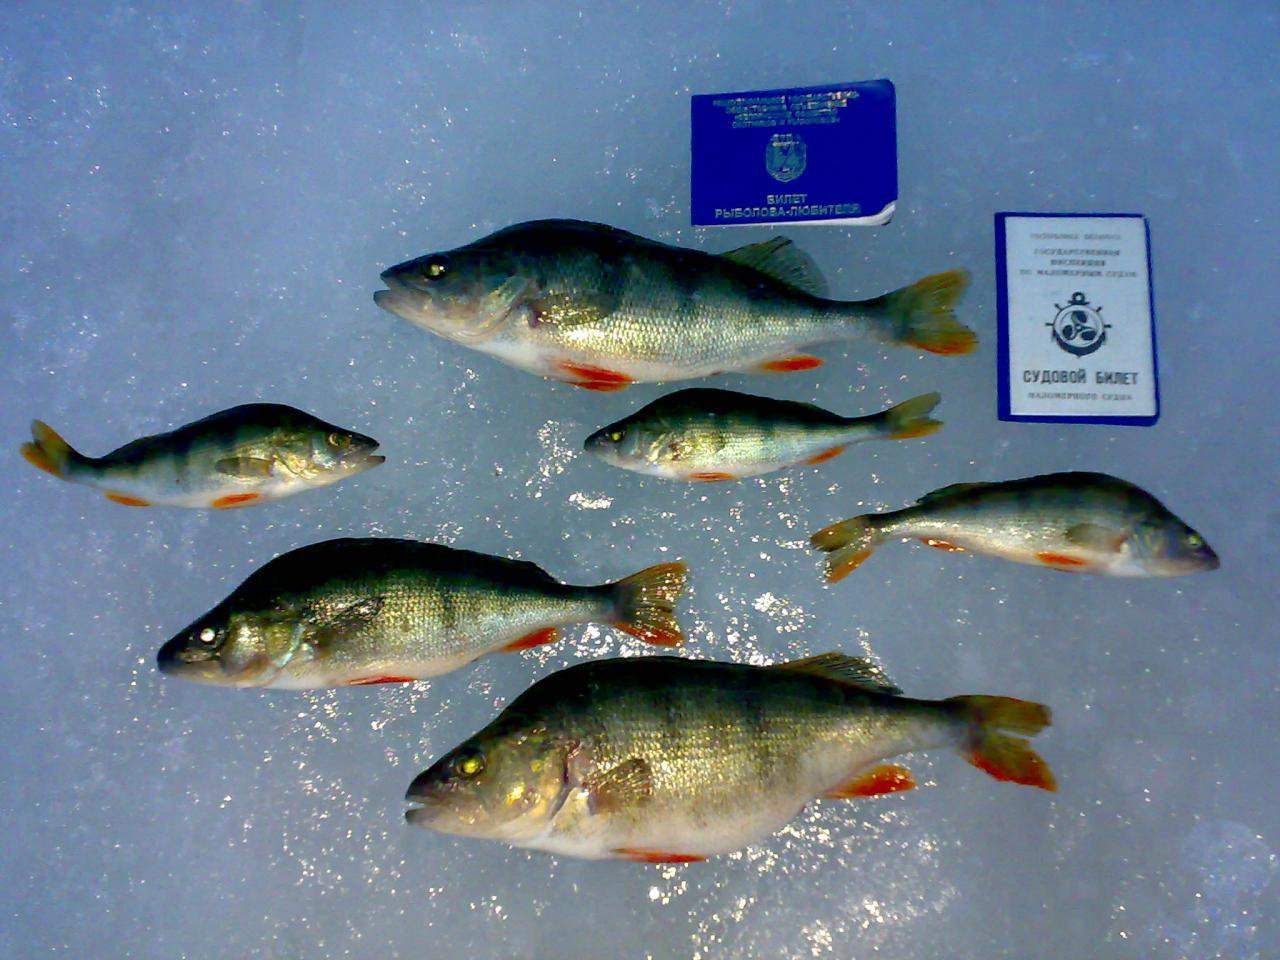 Сегодня окунь на Вилейском суперкоматозный, мегапассивный и гипертрудовой ... | Отчеты о рыбалке в Беларуси